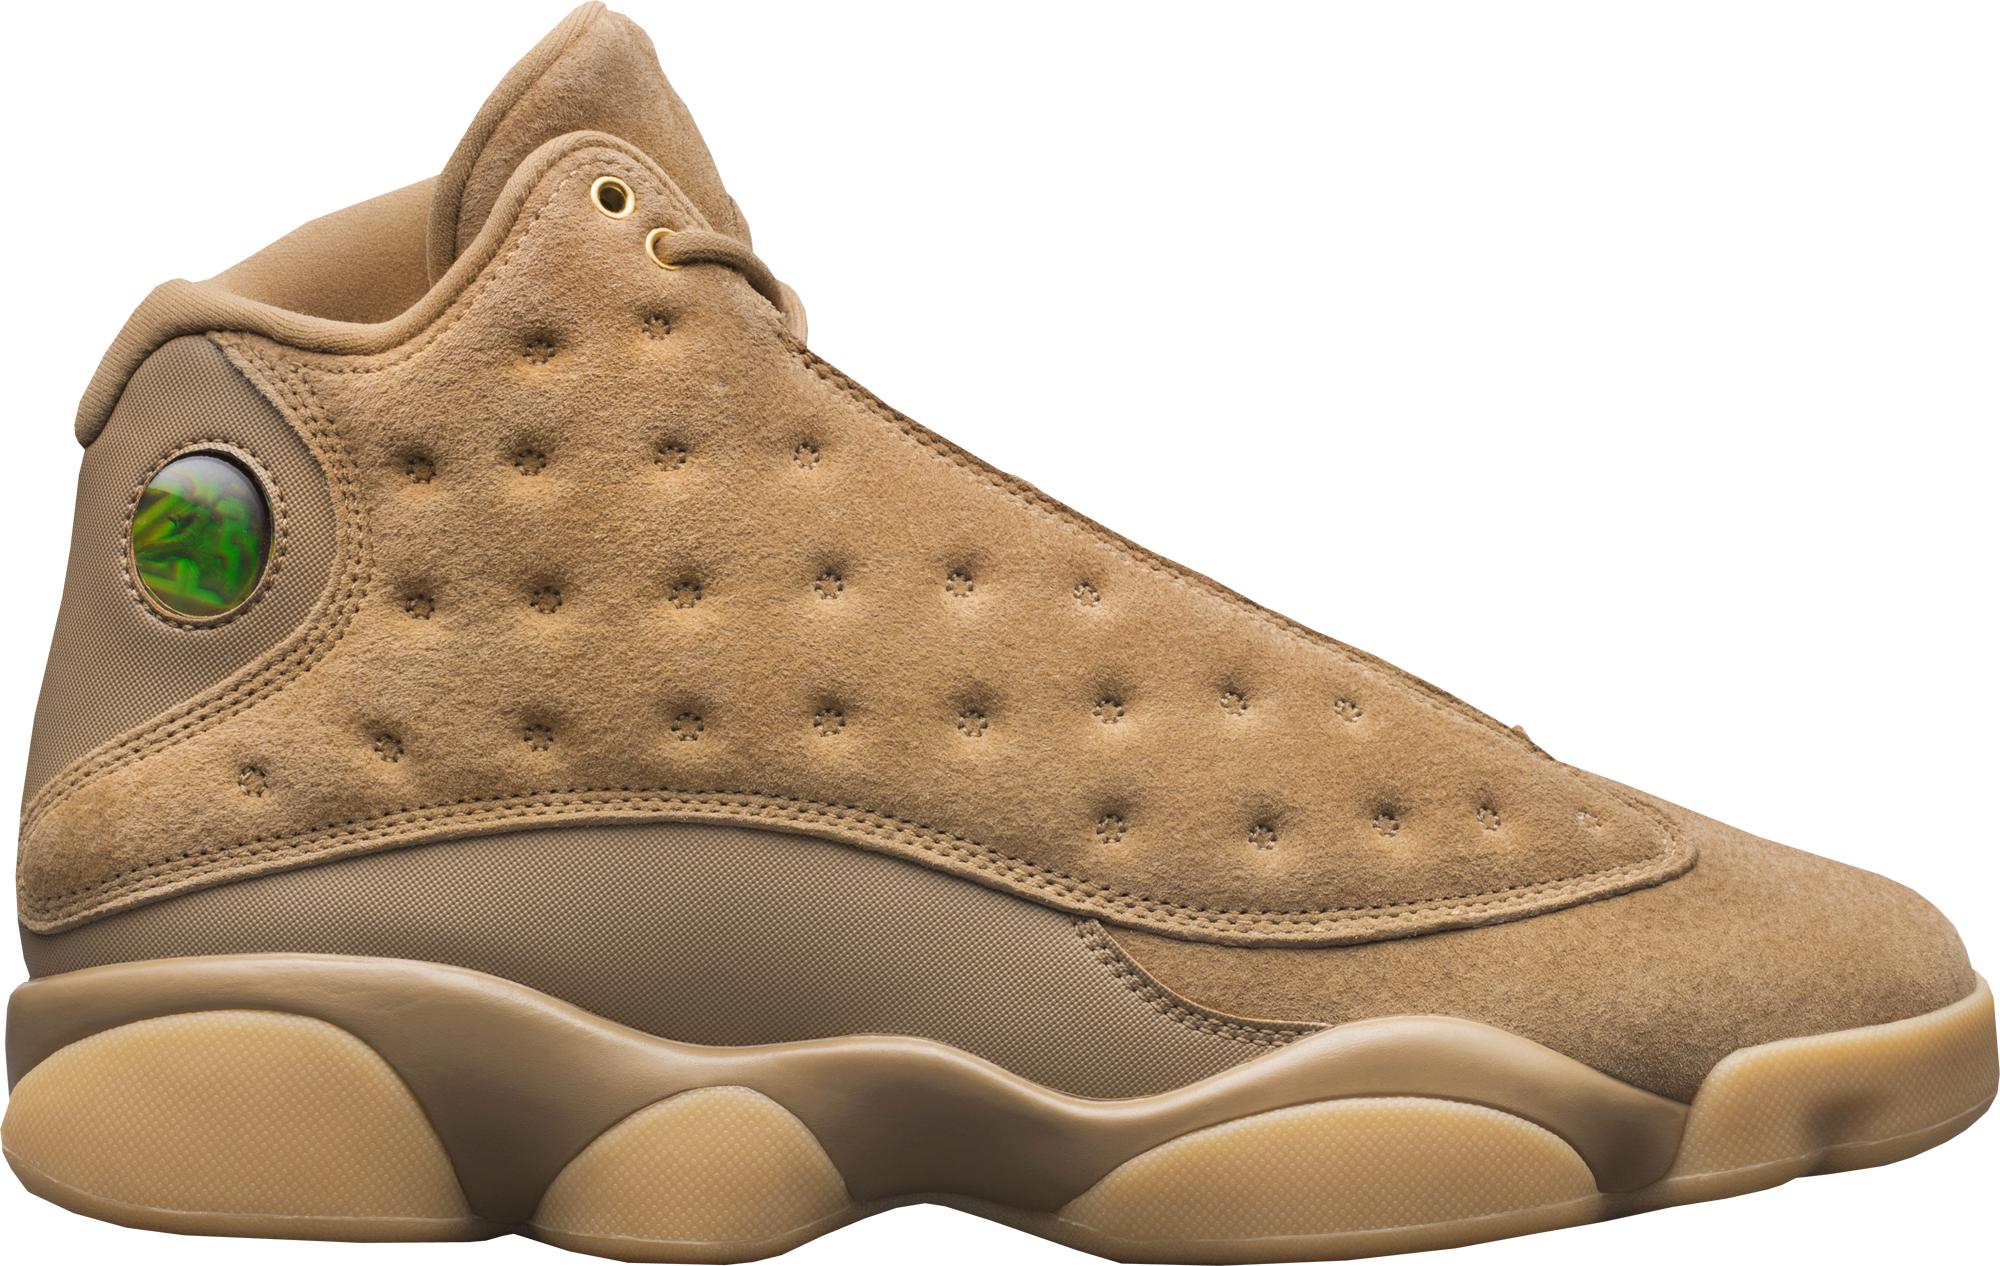 Air Jordans 13 Retro